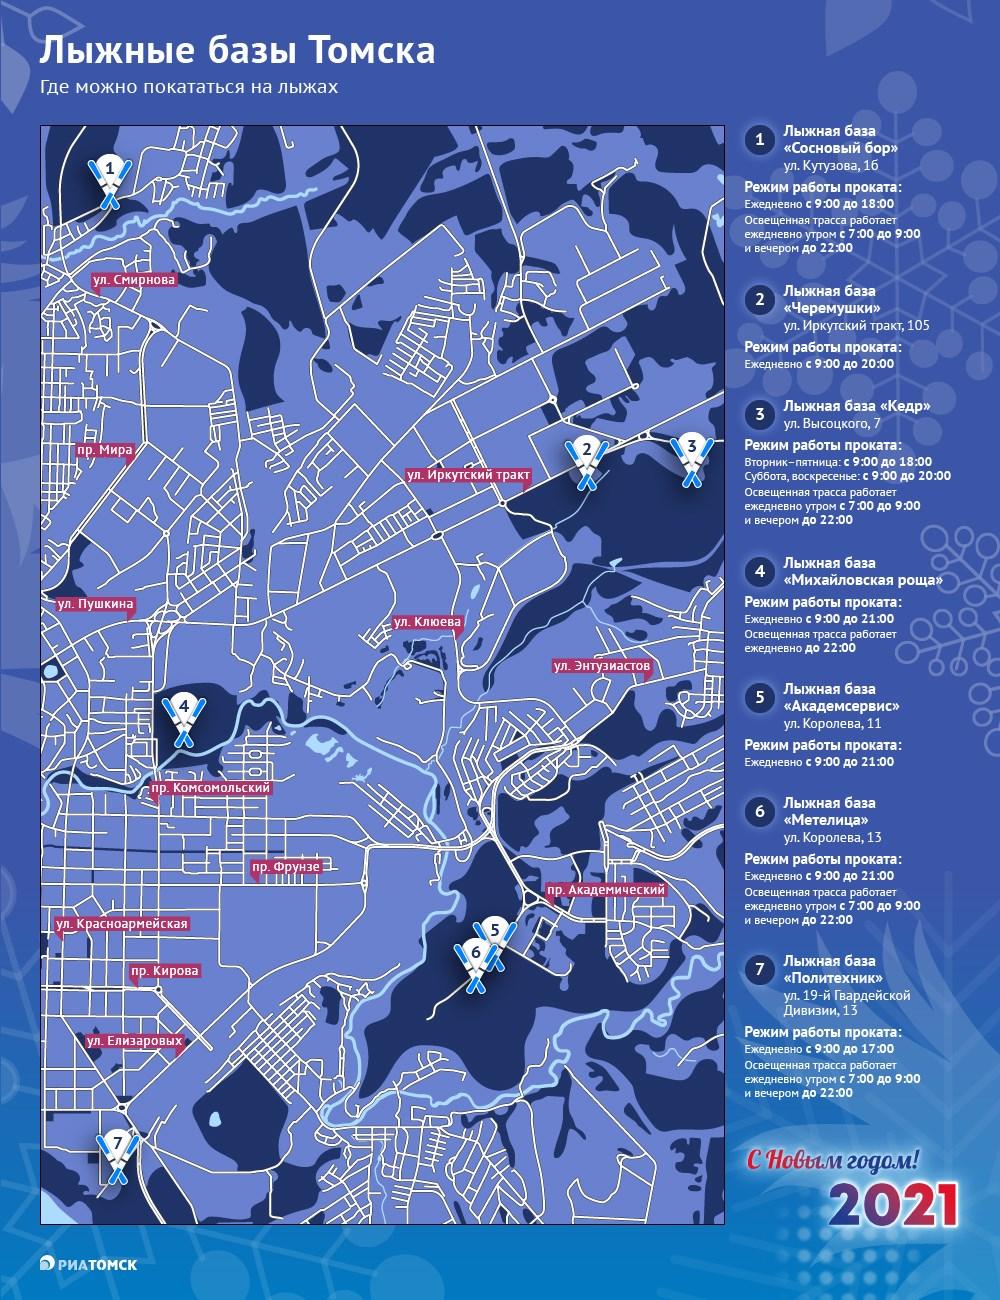 Семь лыжных баз будут работать в Томске этой зимой, на большинстве из них трасса освещается утром и вечером. Адреса и время работы пунктов проката – в инфографике РИА Томск.